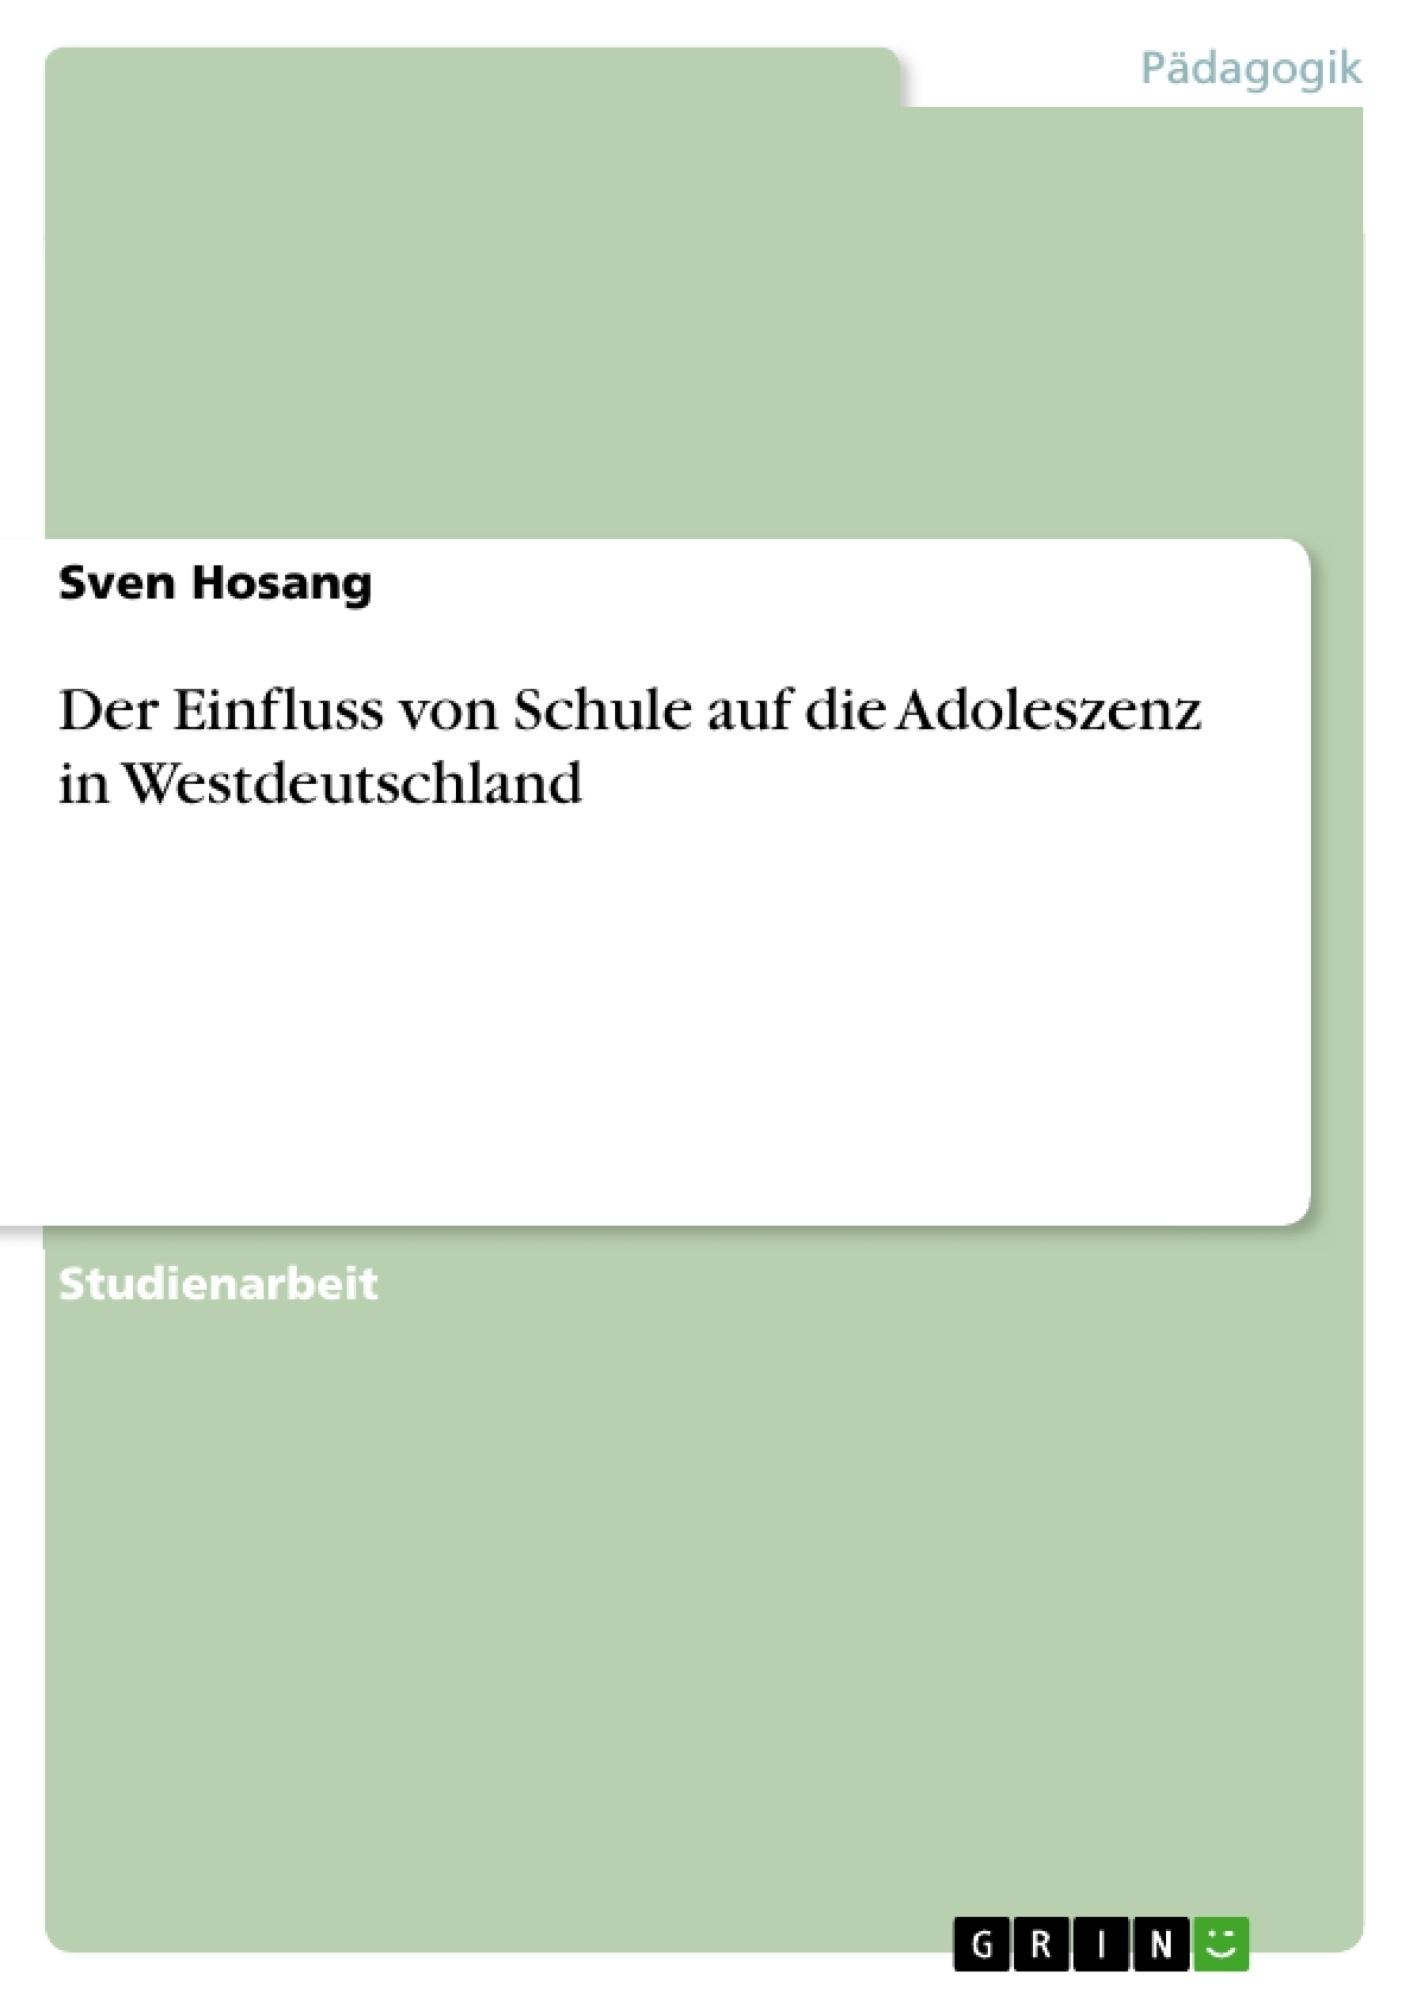 Titel: Der Einfluss von Schule auf die Adoleszenz in Westdeutschland